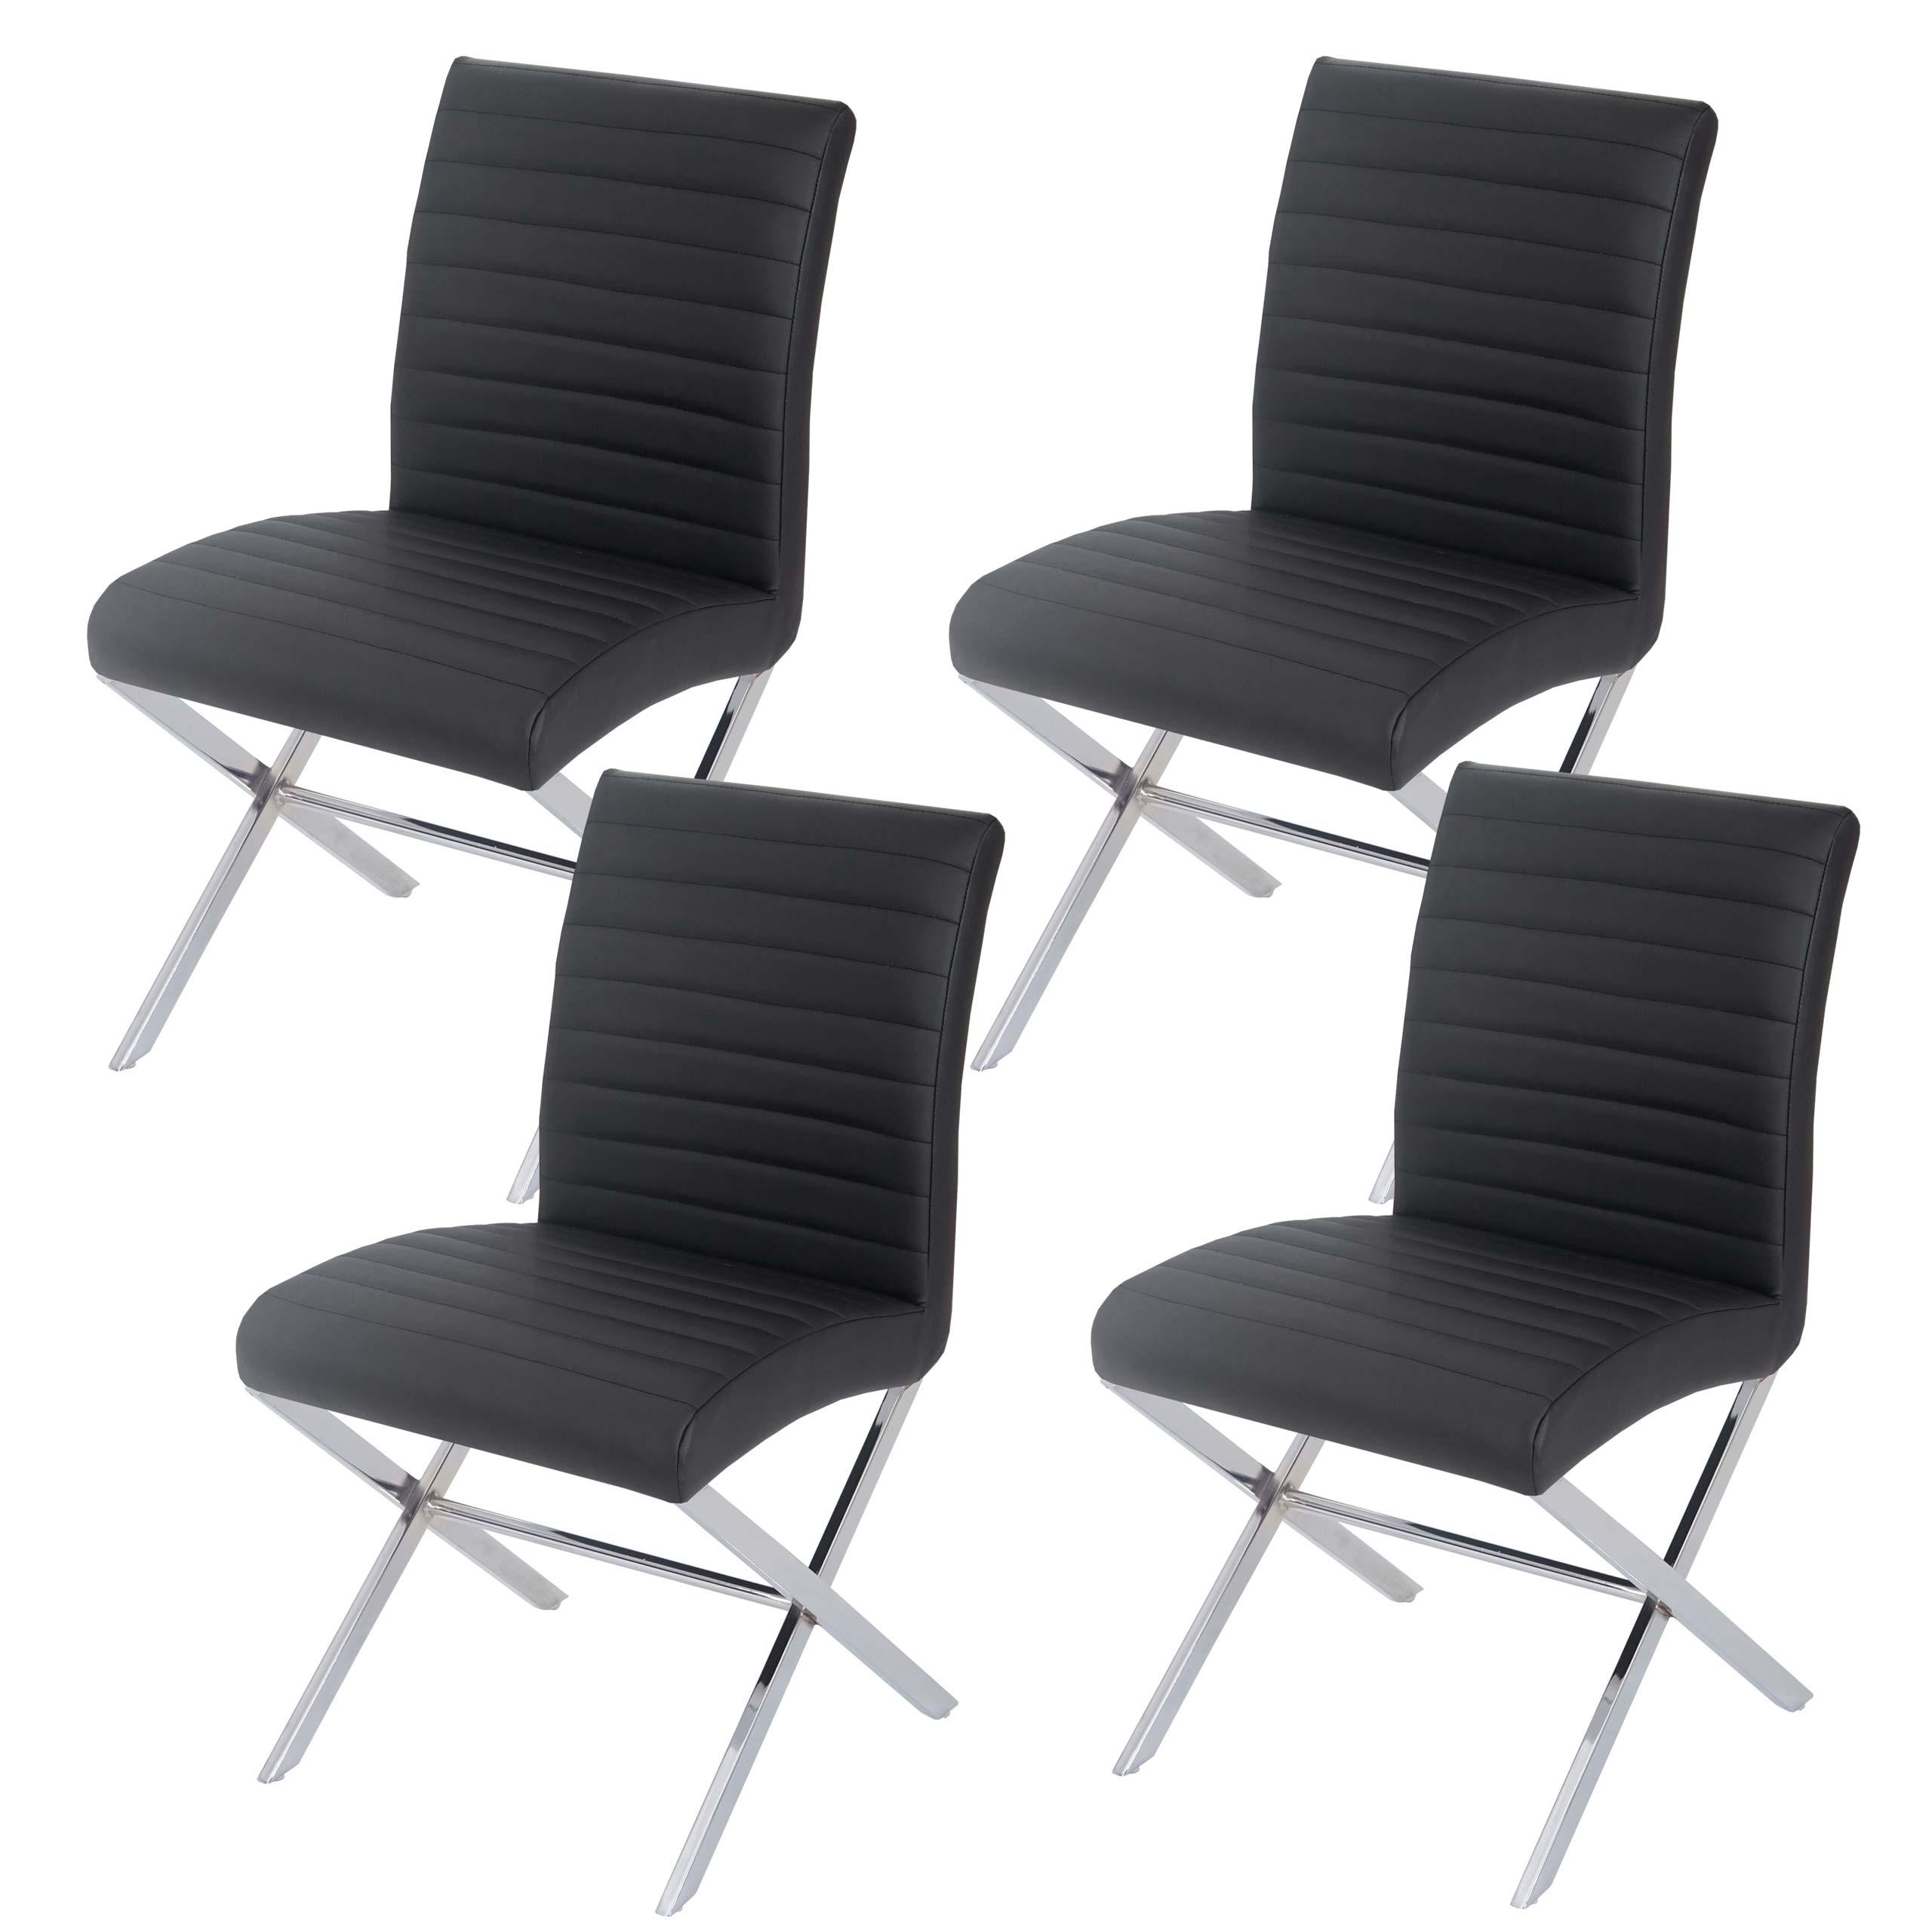 4x esszimmerstuhl fano stuhl lehnstuhl kunstleder chrom schwarz. Black Bedroom Furniture Sets. Home Design Ideas